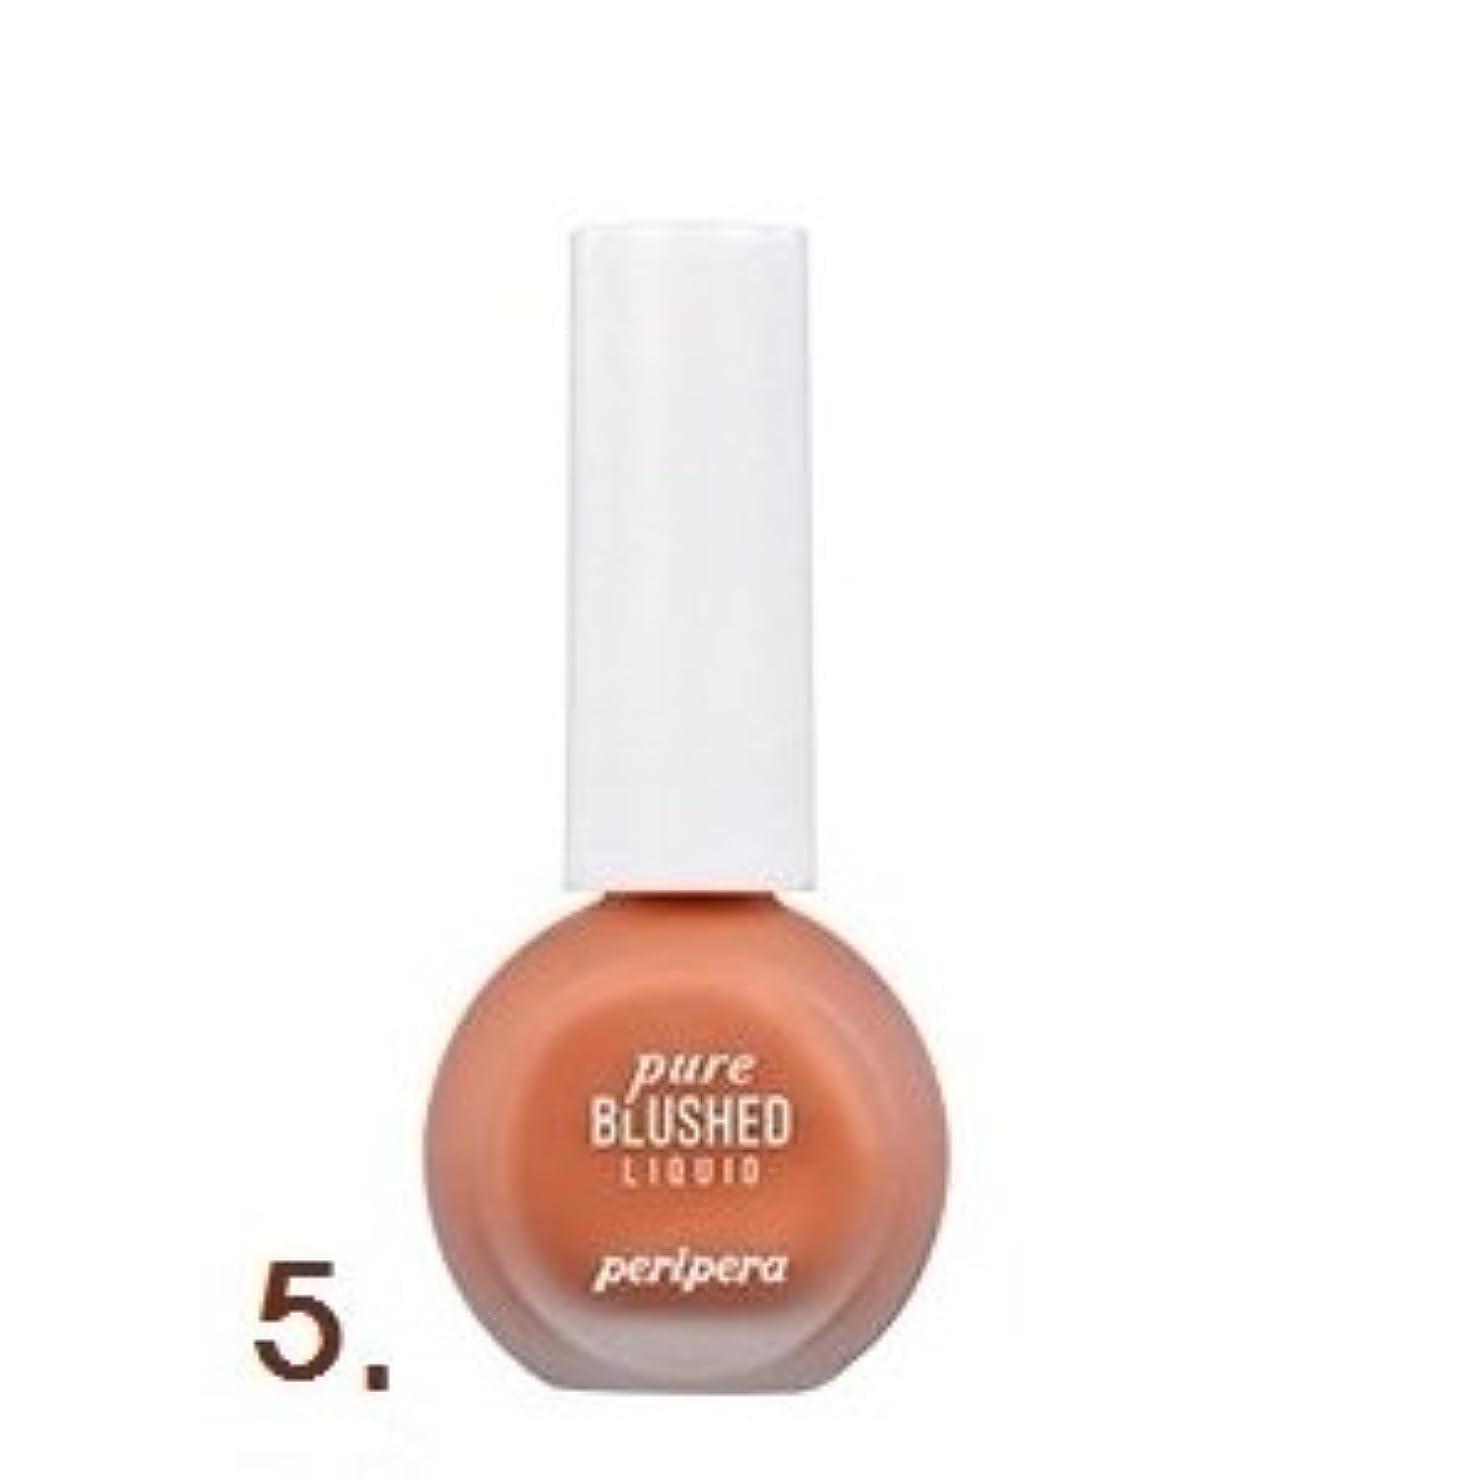 発揮する誤解させる主婦Peripera Pure Blushed Liquid Cheek #5 Chic cinnamon/ペリペラ ピュア ブラッシュ リキッド チーク [並行輸入品]